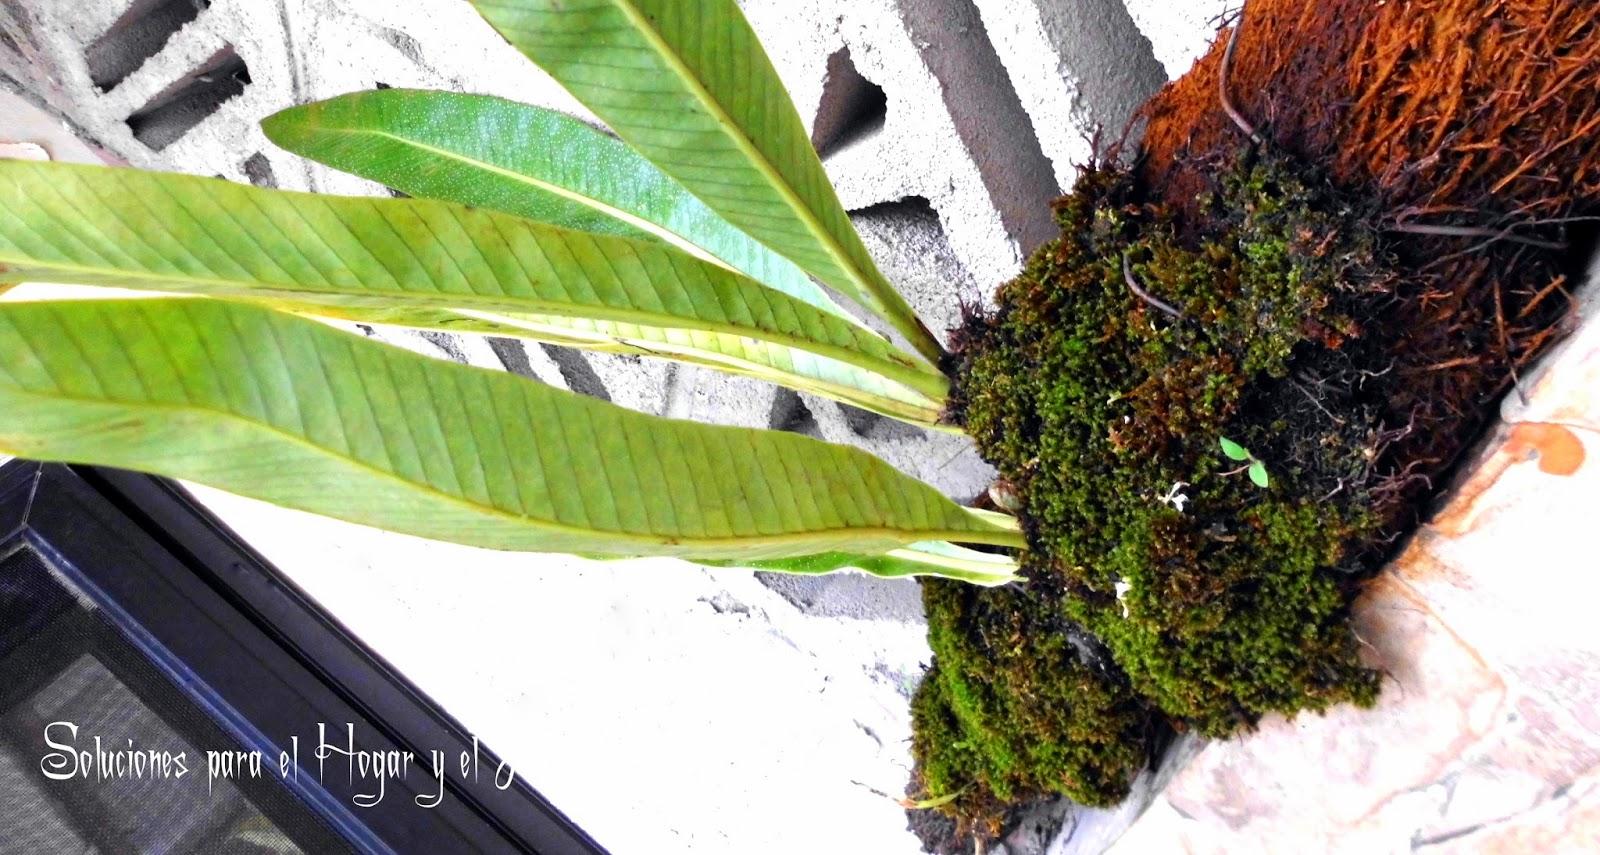 Plantas y Flores, hojas lanceoladas, planta aerea